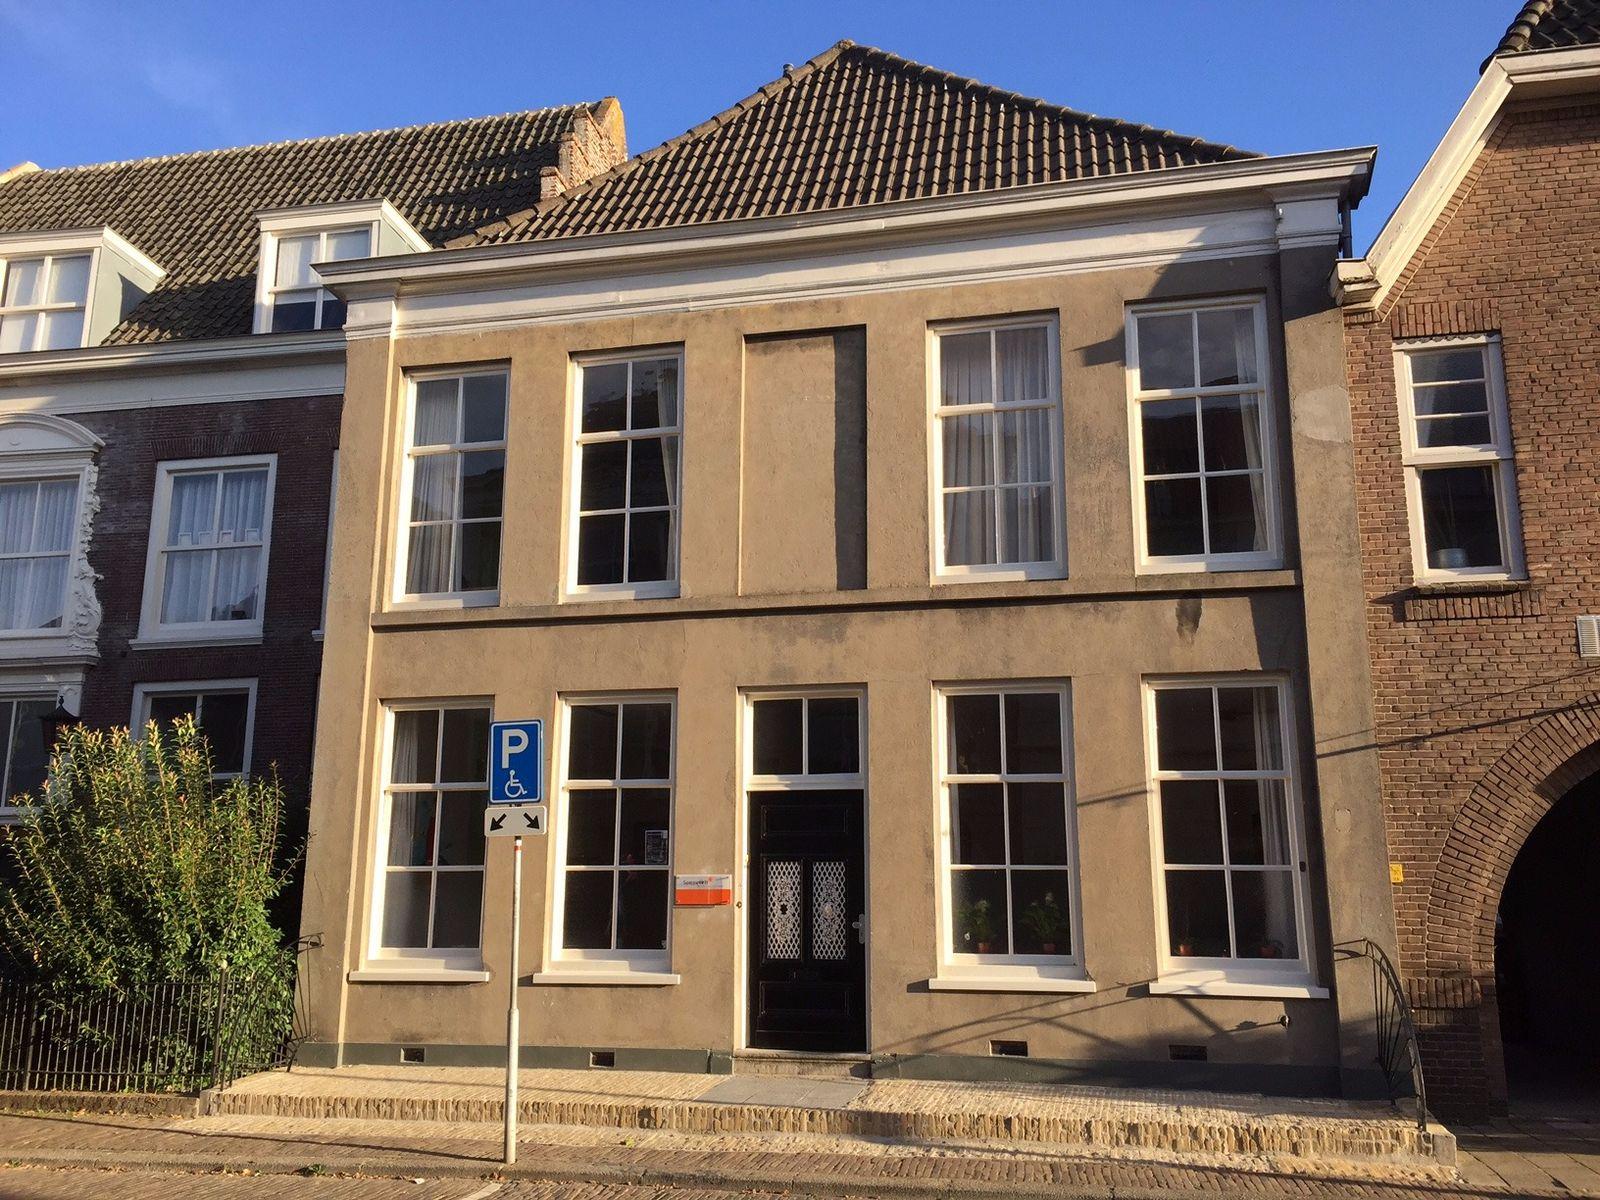 Nieuwstraat 8, Zaltbommel